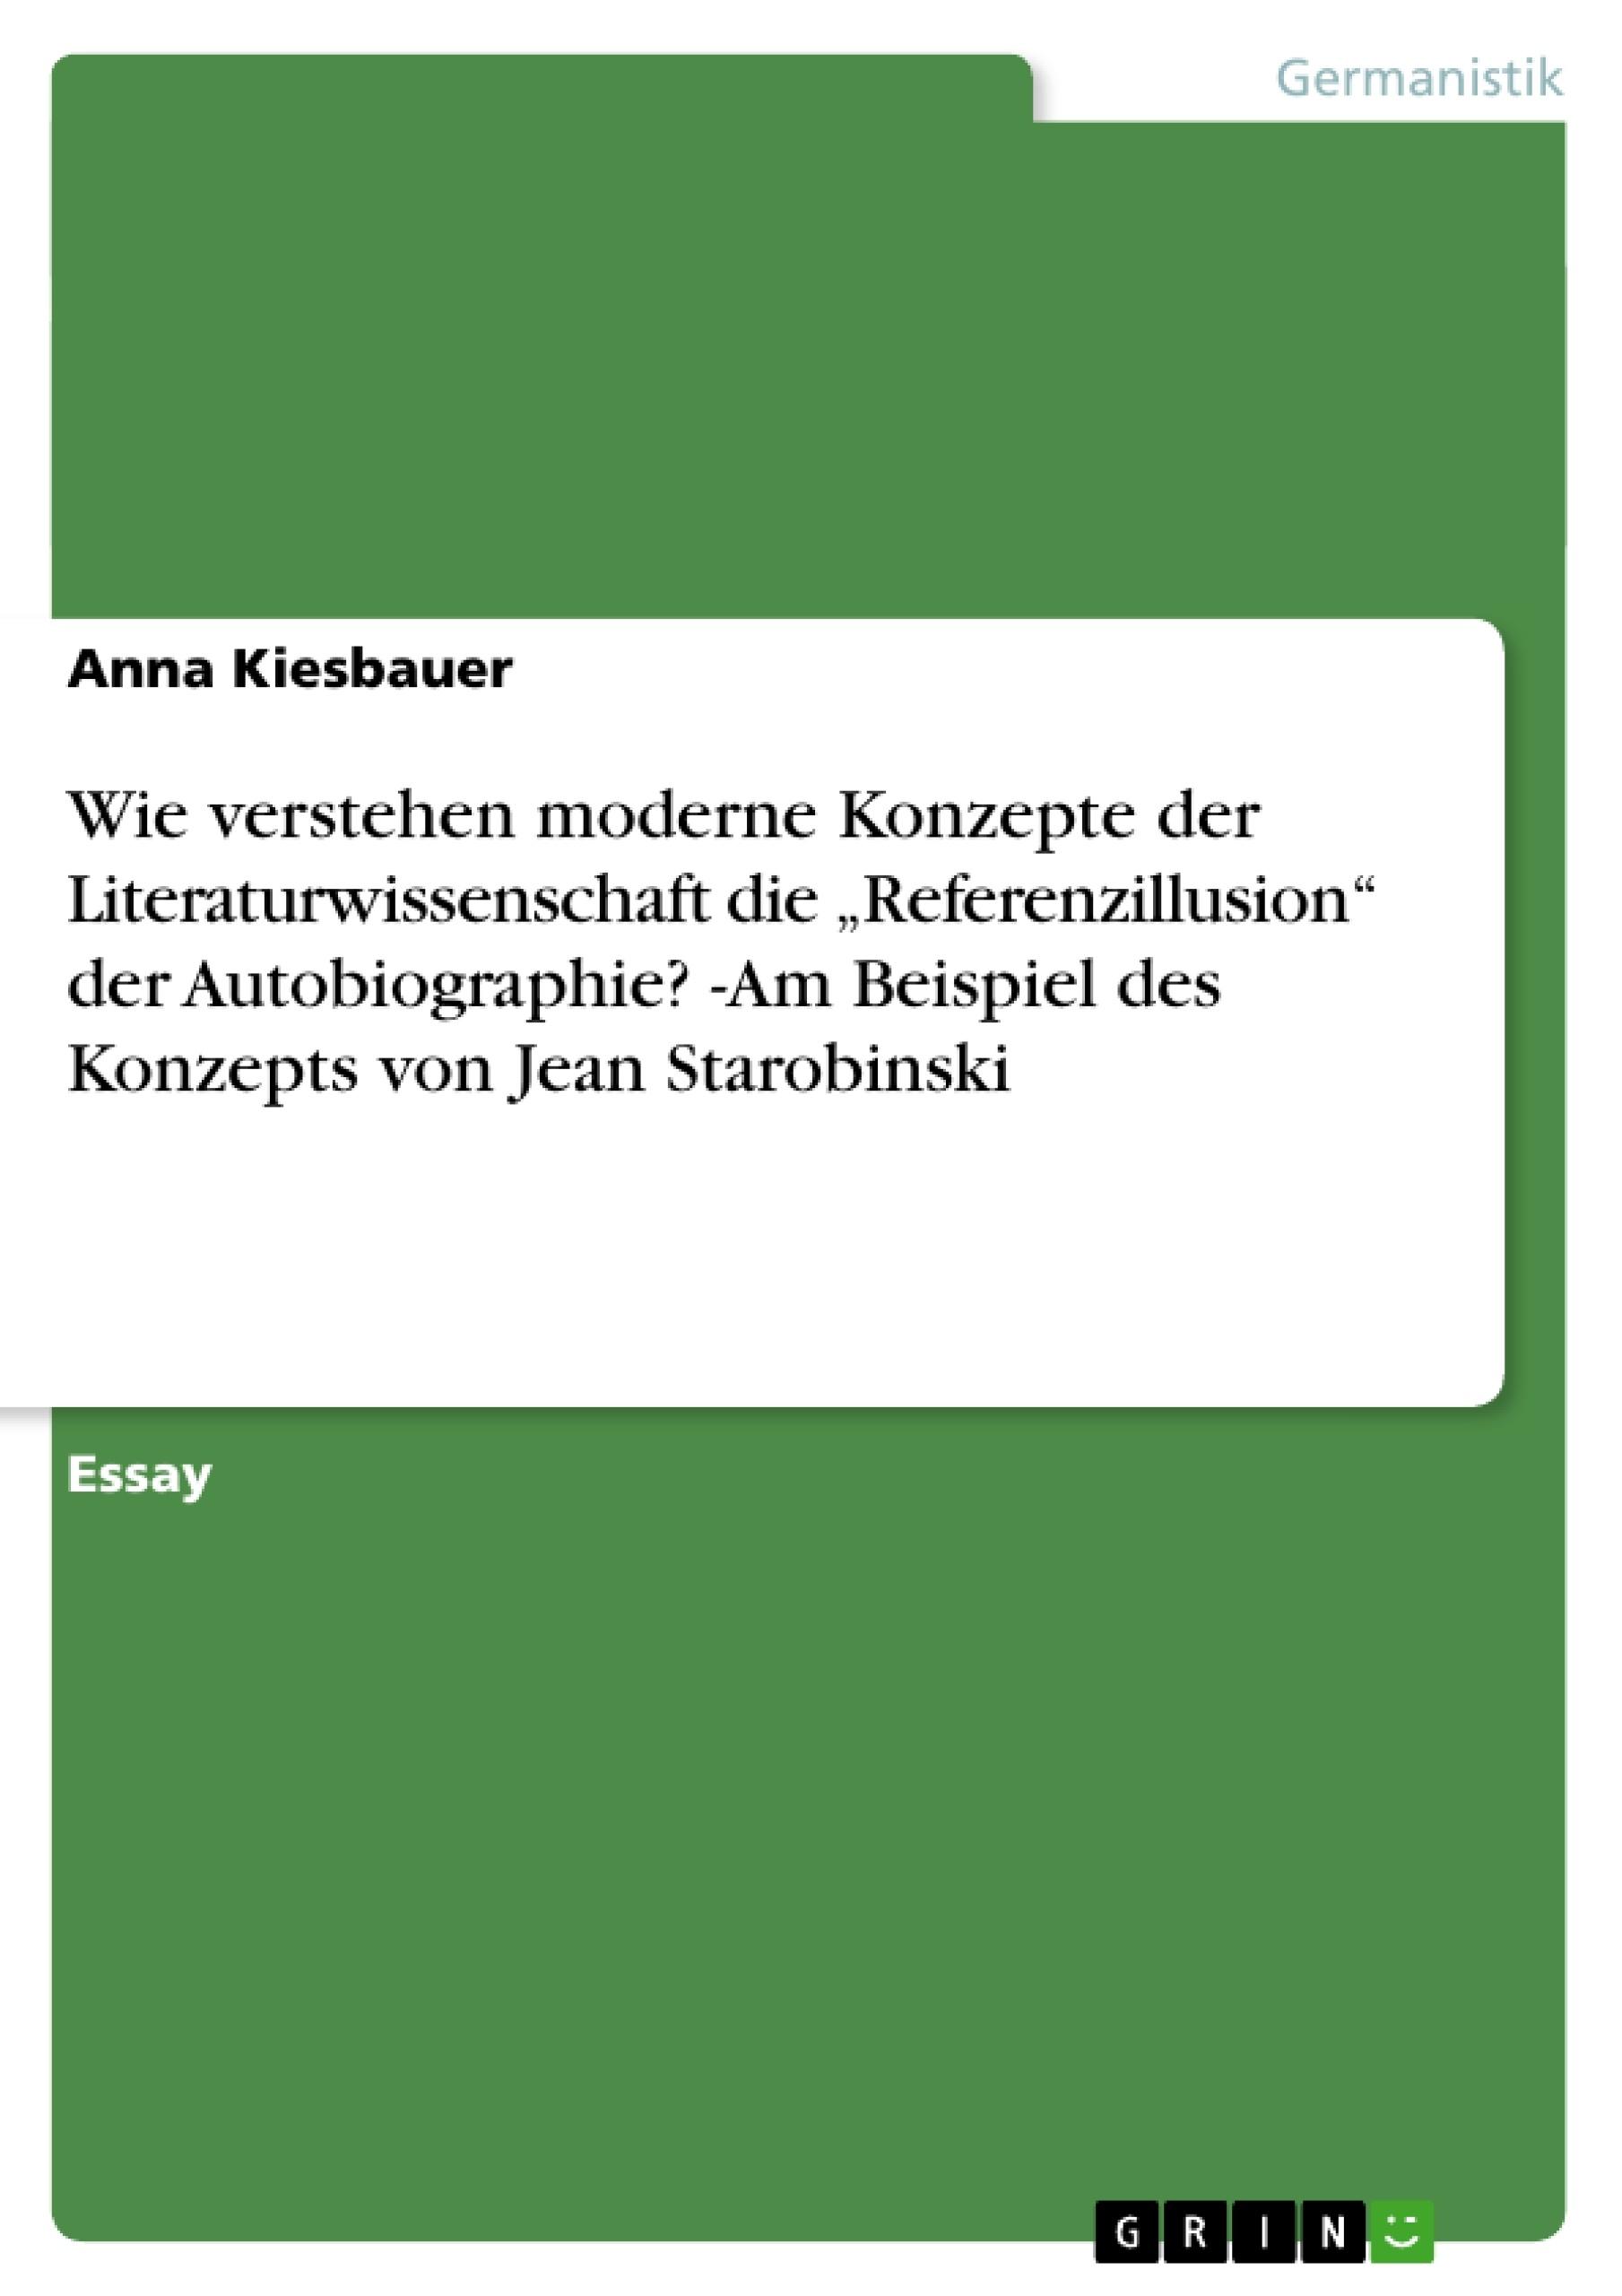 """Titel: Wie verstehen moderne Konzepte der Literaturwissenschaft die """"Referenzillusion"""" der Autobiographie? -Am Beispiel des Konzepts von Jean Starobinski"""